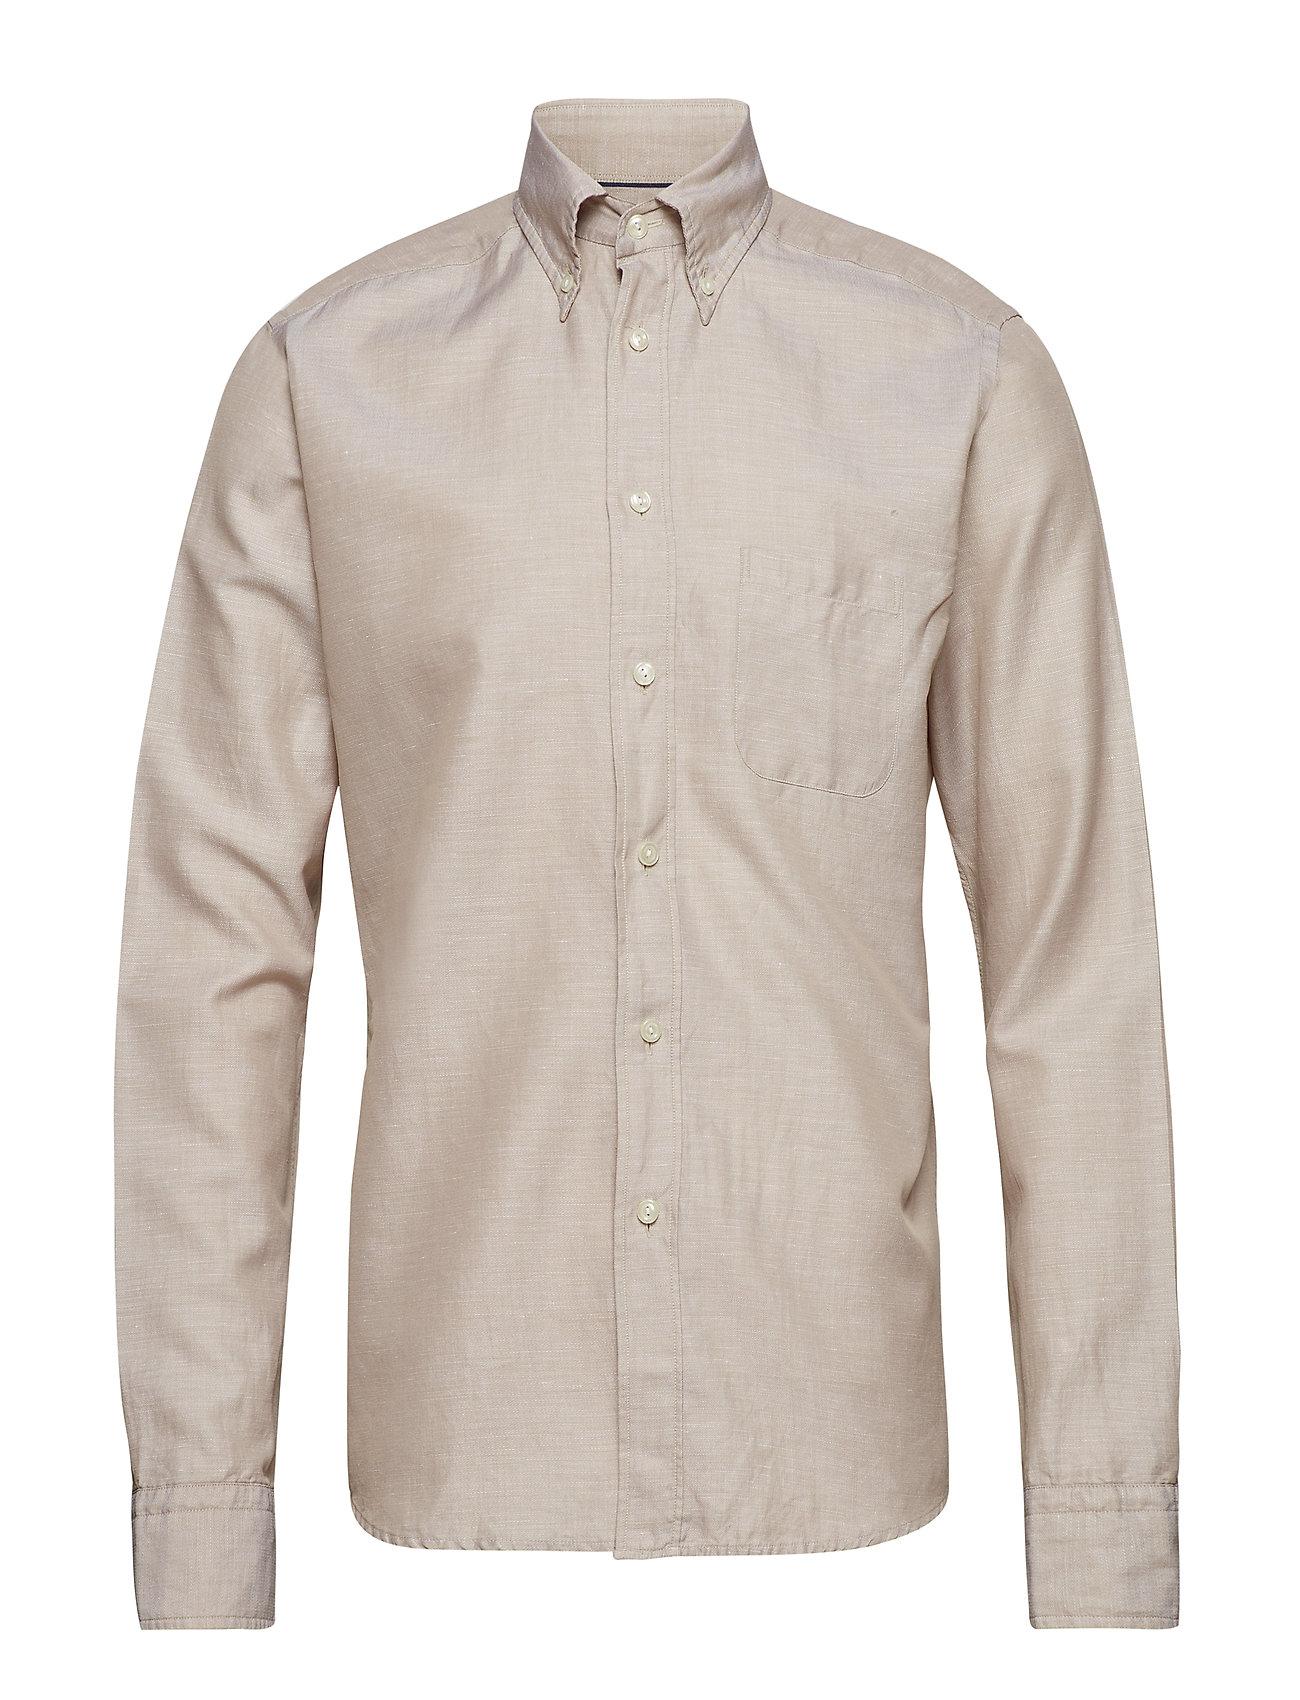 Eton Beige Cotton & Linen Shirt - OFFWHITE/BROWN